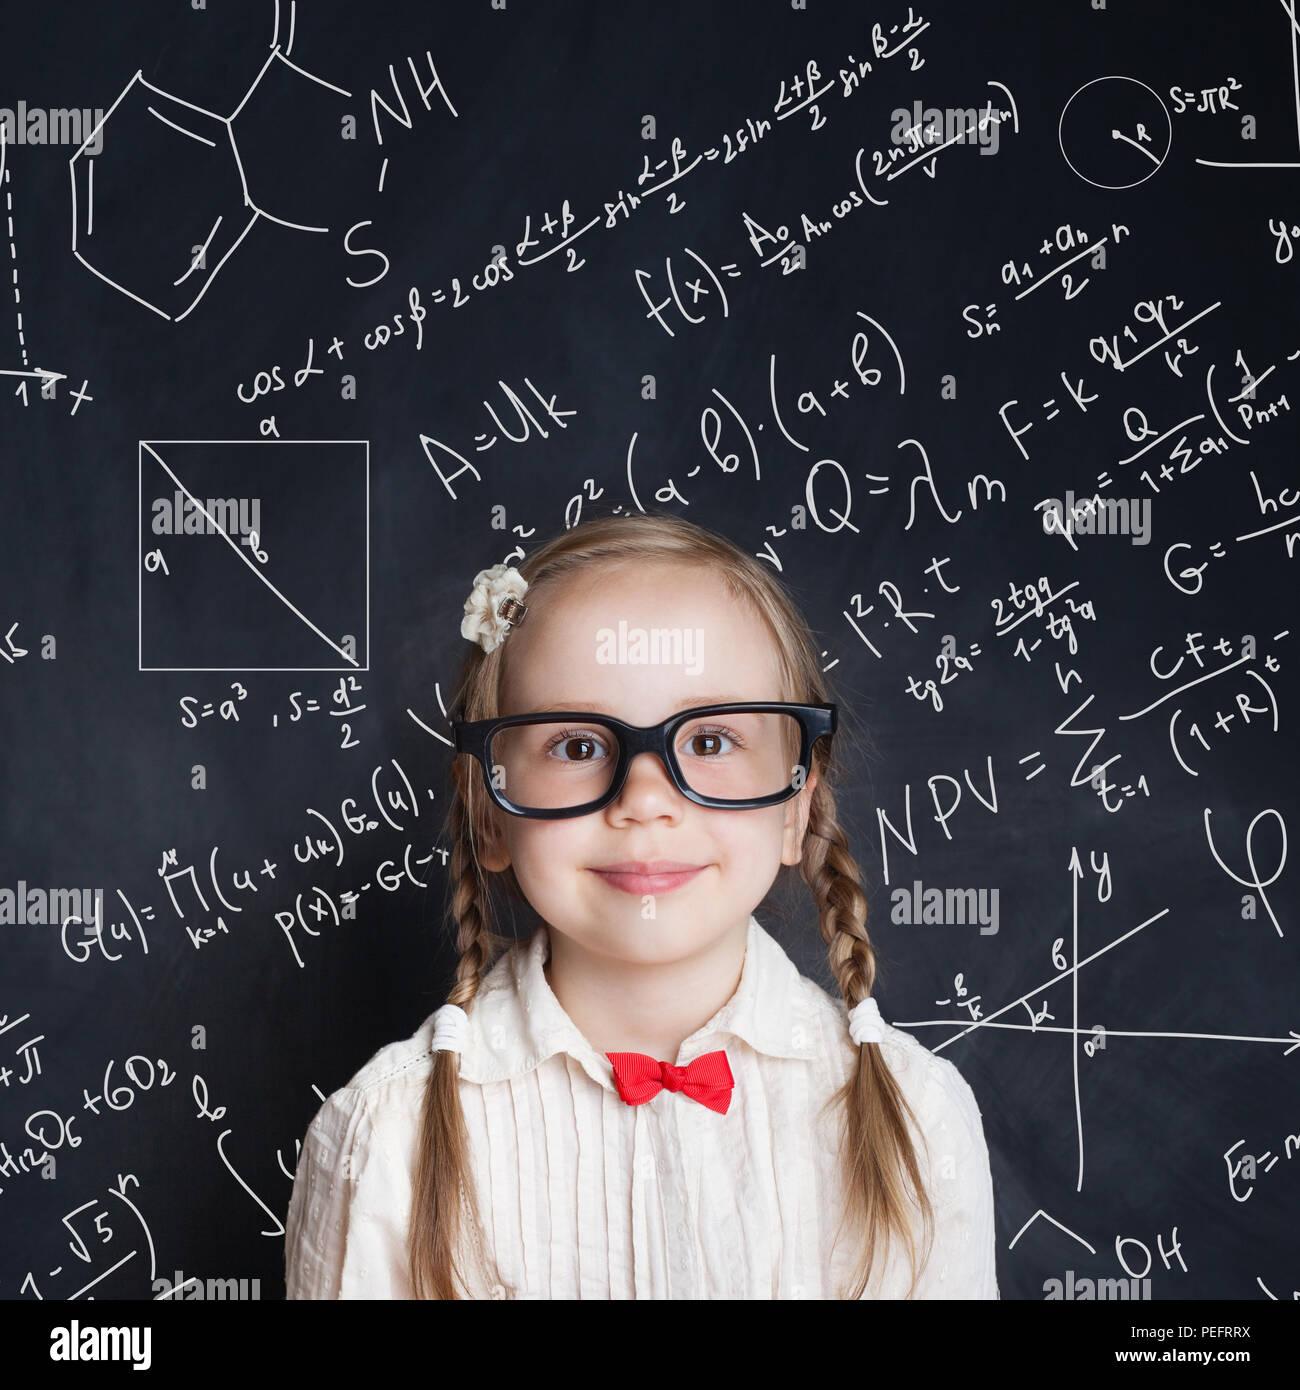 Kleines Genie. Smart kleines Mädchen mathe Student auf Schule blackboard Hintergrund mit handzeichnungen Wissenschaft Formel Muster. Kinder mathematische Bildung c Stockbild